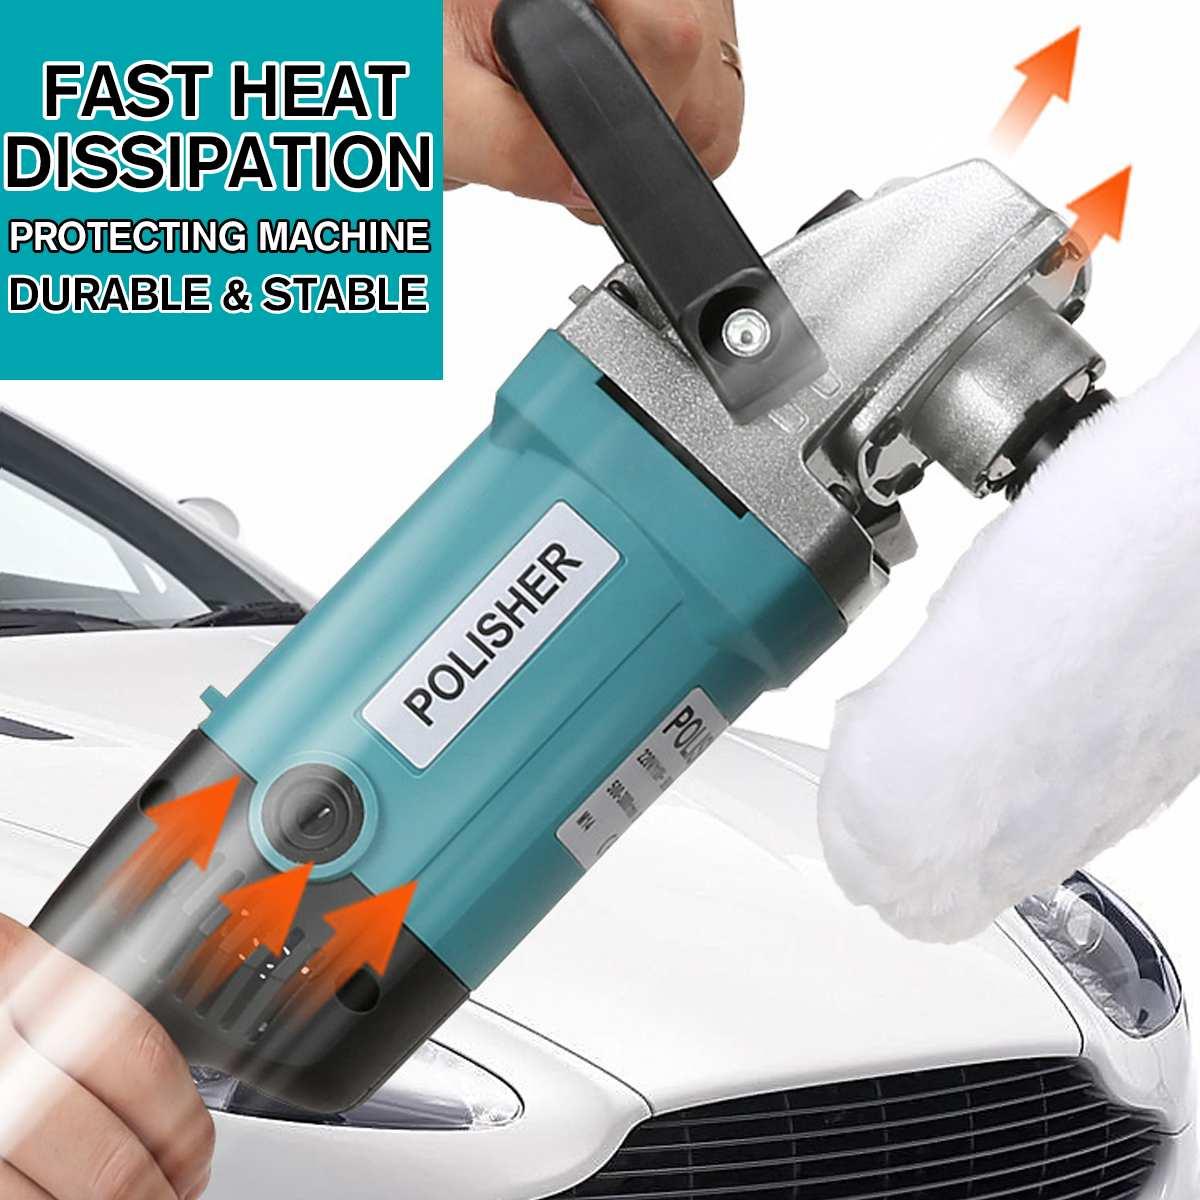 Auto Wachs Polierer 1600W Variable Geschwindigkeit 3000rpm Autolack Pflege Werkzeug Elektrische Polieren Maschine Sander 220-240V